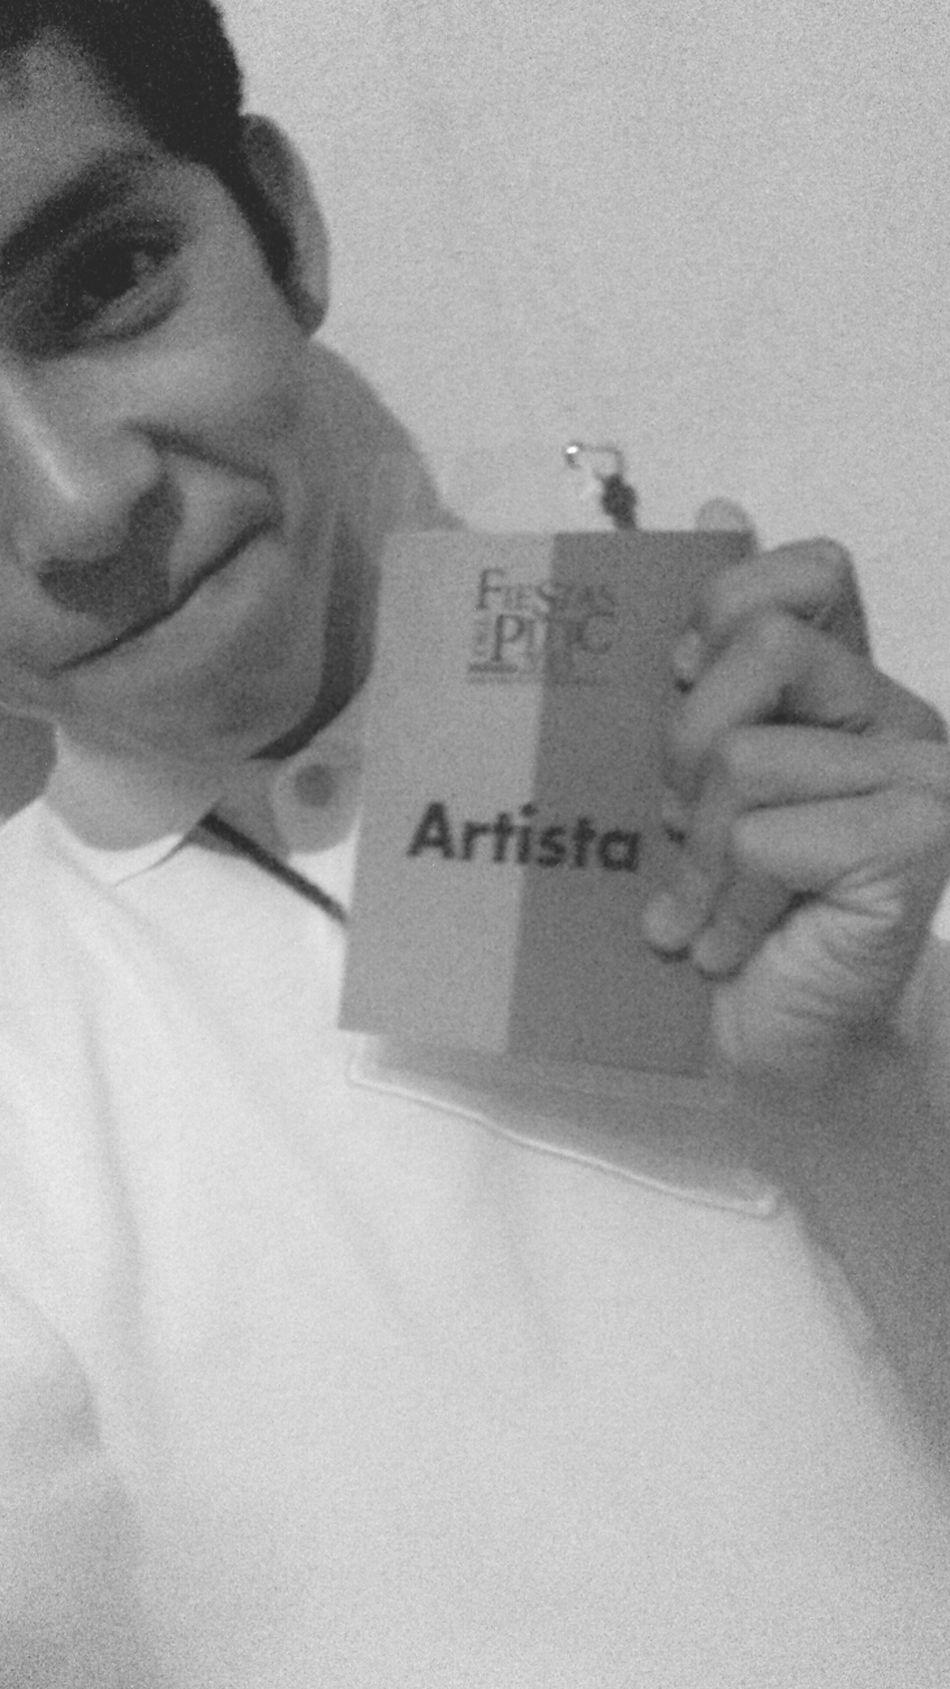 Artista por hoy y por siempre :) Fiestasdelpitic2015 Musicajovendelpitic Contrabass El Hechizo No Acaba A Las 12